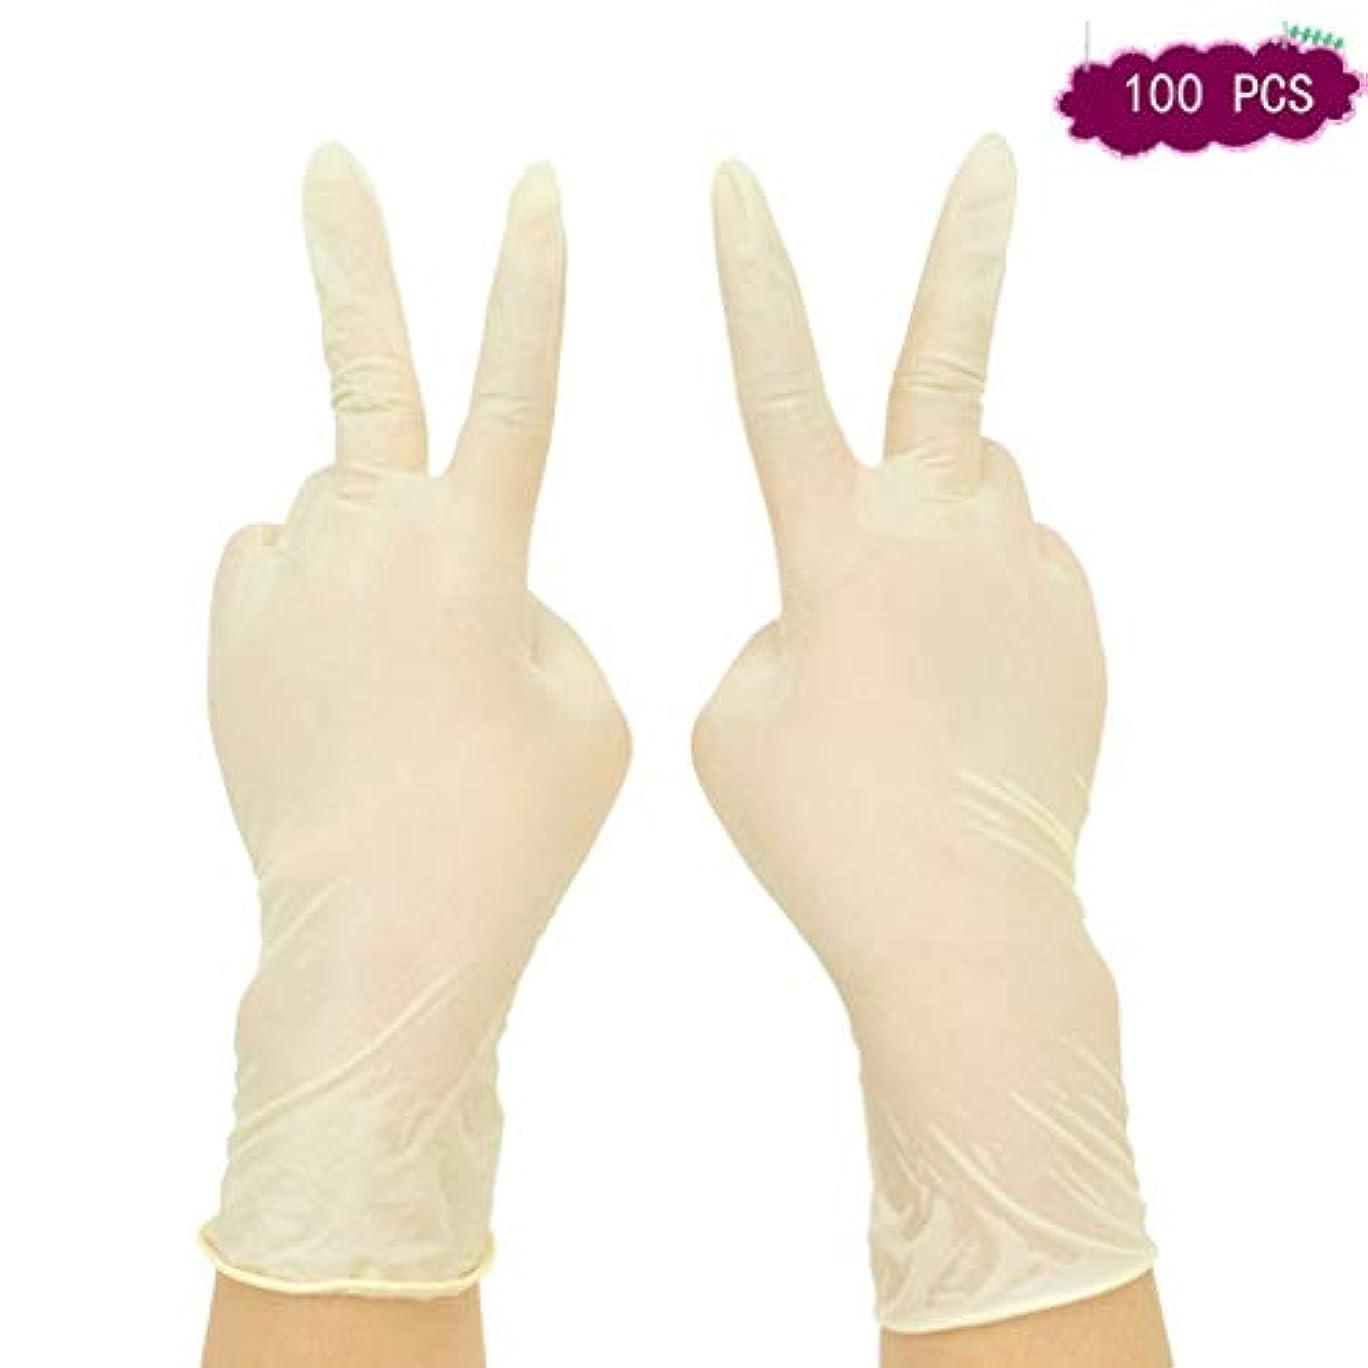 フルーツ野菜大破警告使い捨てラテックス手袋パウダーフリーのラテックス手袋9インチのホームキッチンの洗濯皿洗いラテックスアンチ油 (Color : 9 inch, Size : S)